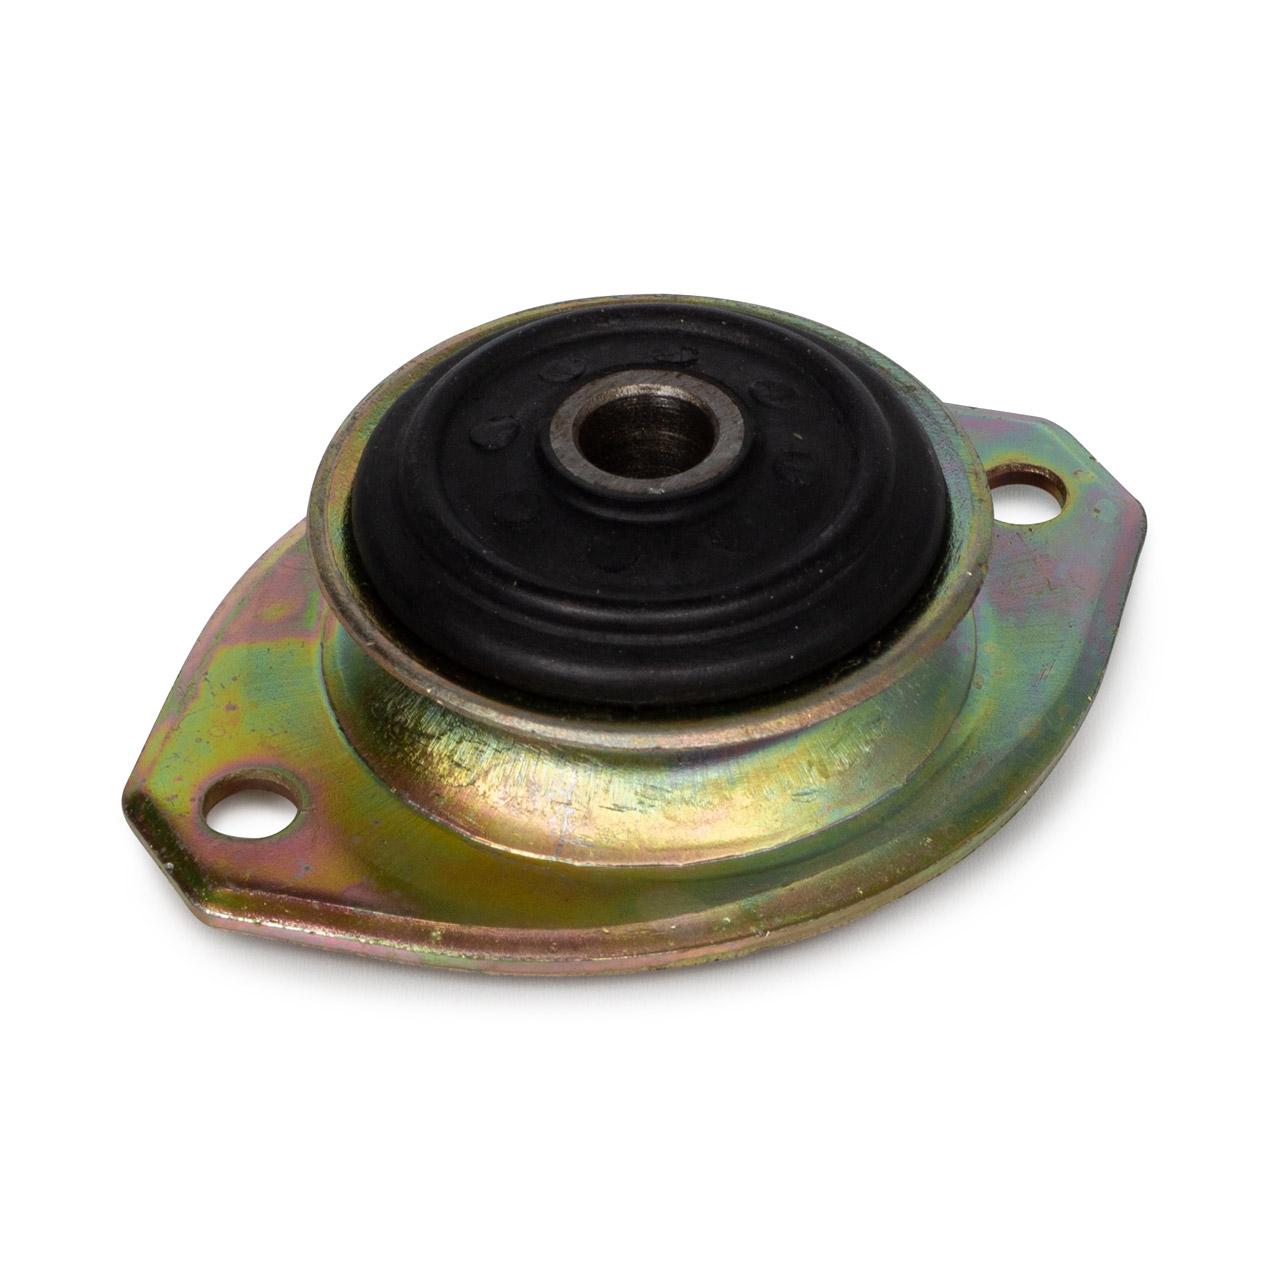 Motorlager Getriebelager PORSCHE 911 3.0/3.2/3.3 1977-1989 hinten 91137504307